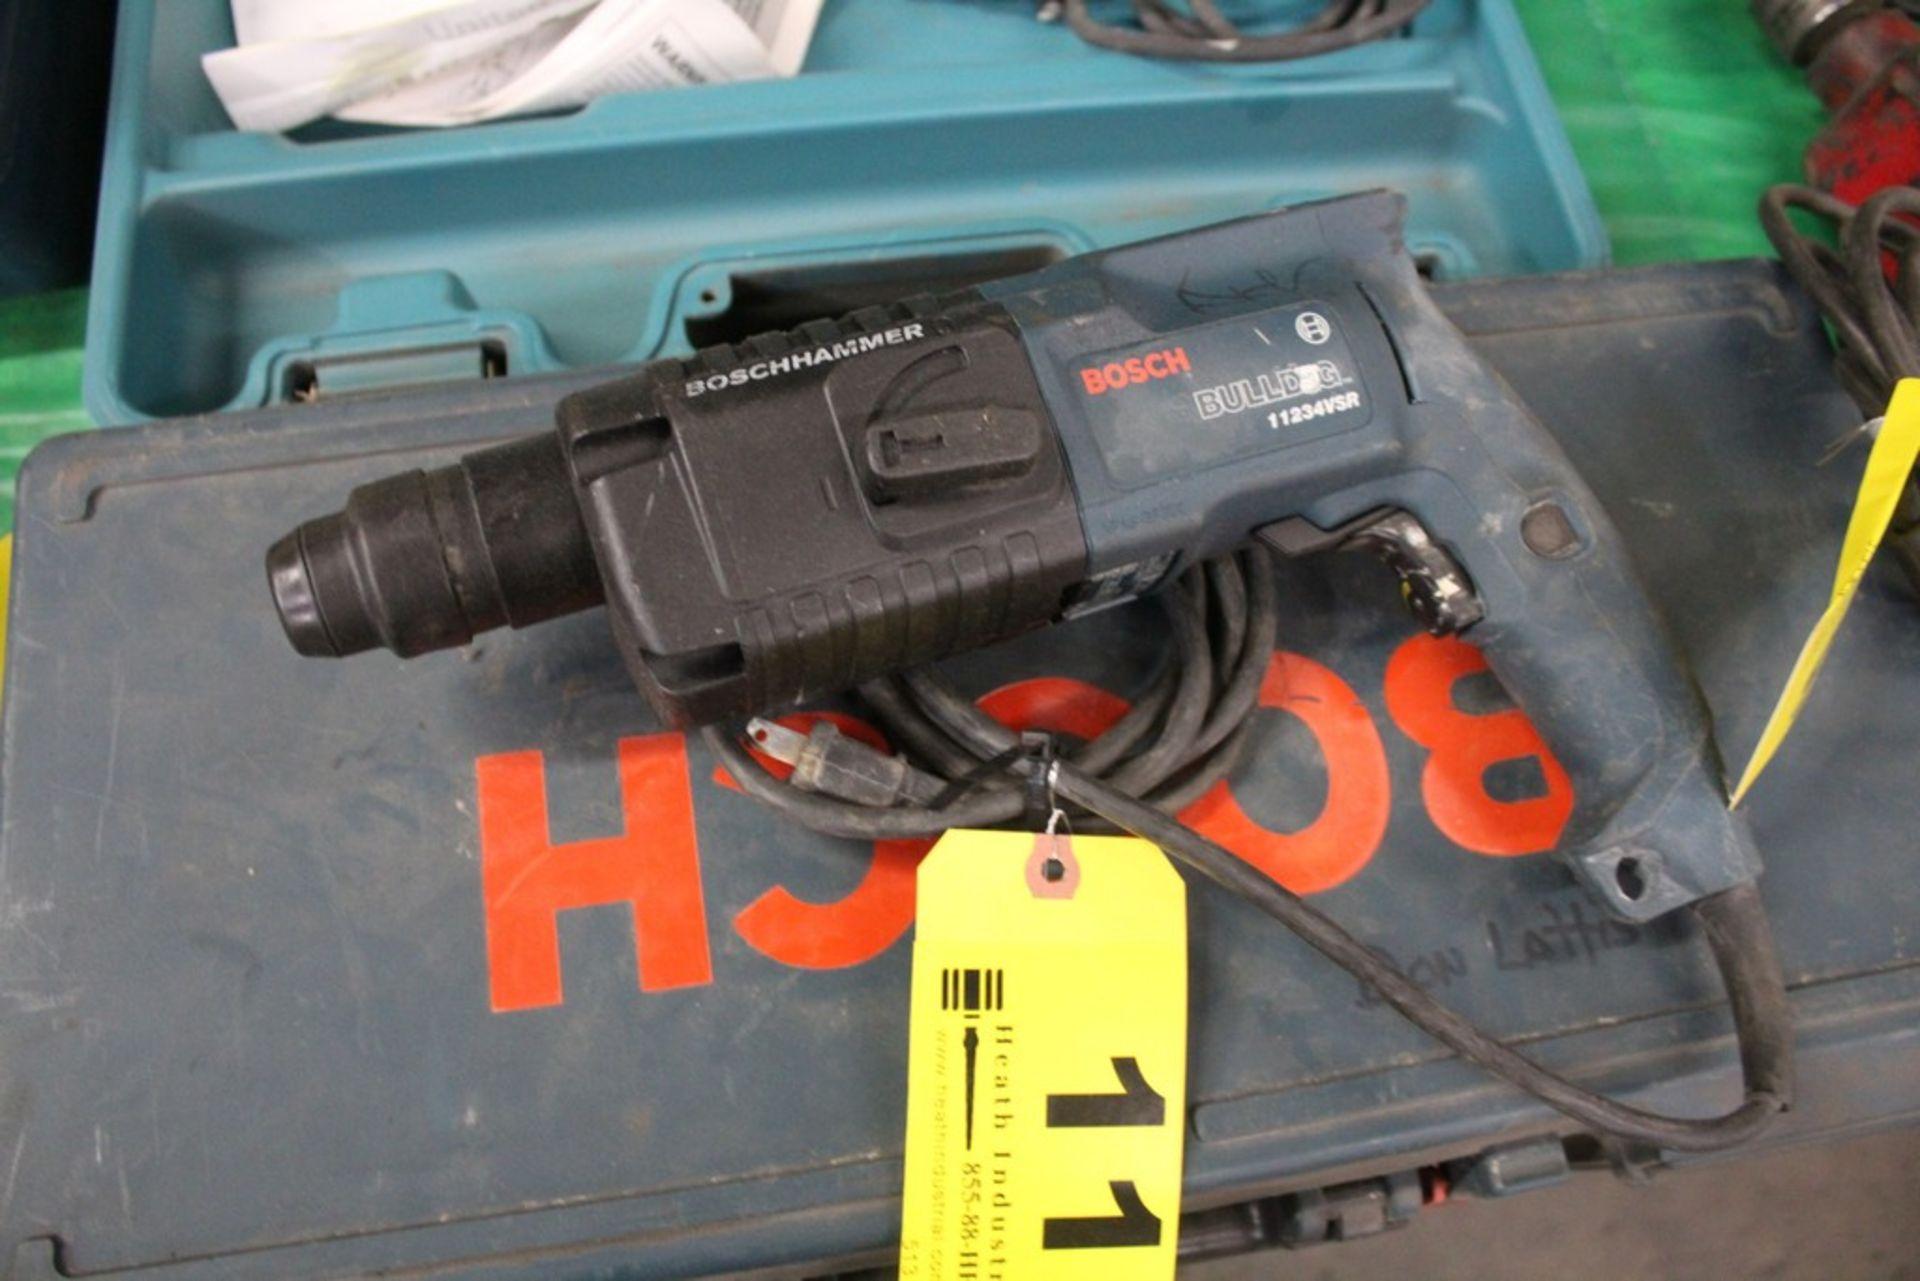 Lot 11 - BOSCH MODEL 11234VSR BULLDOG ROTARY HAMMER